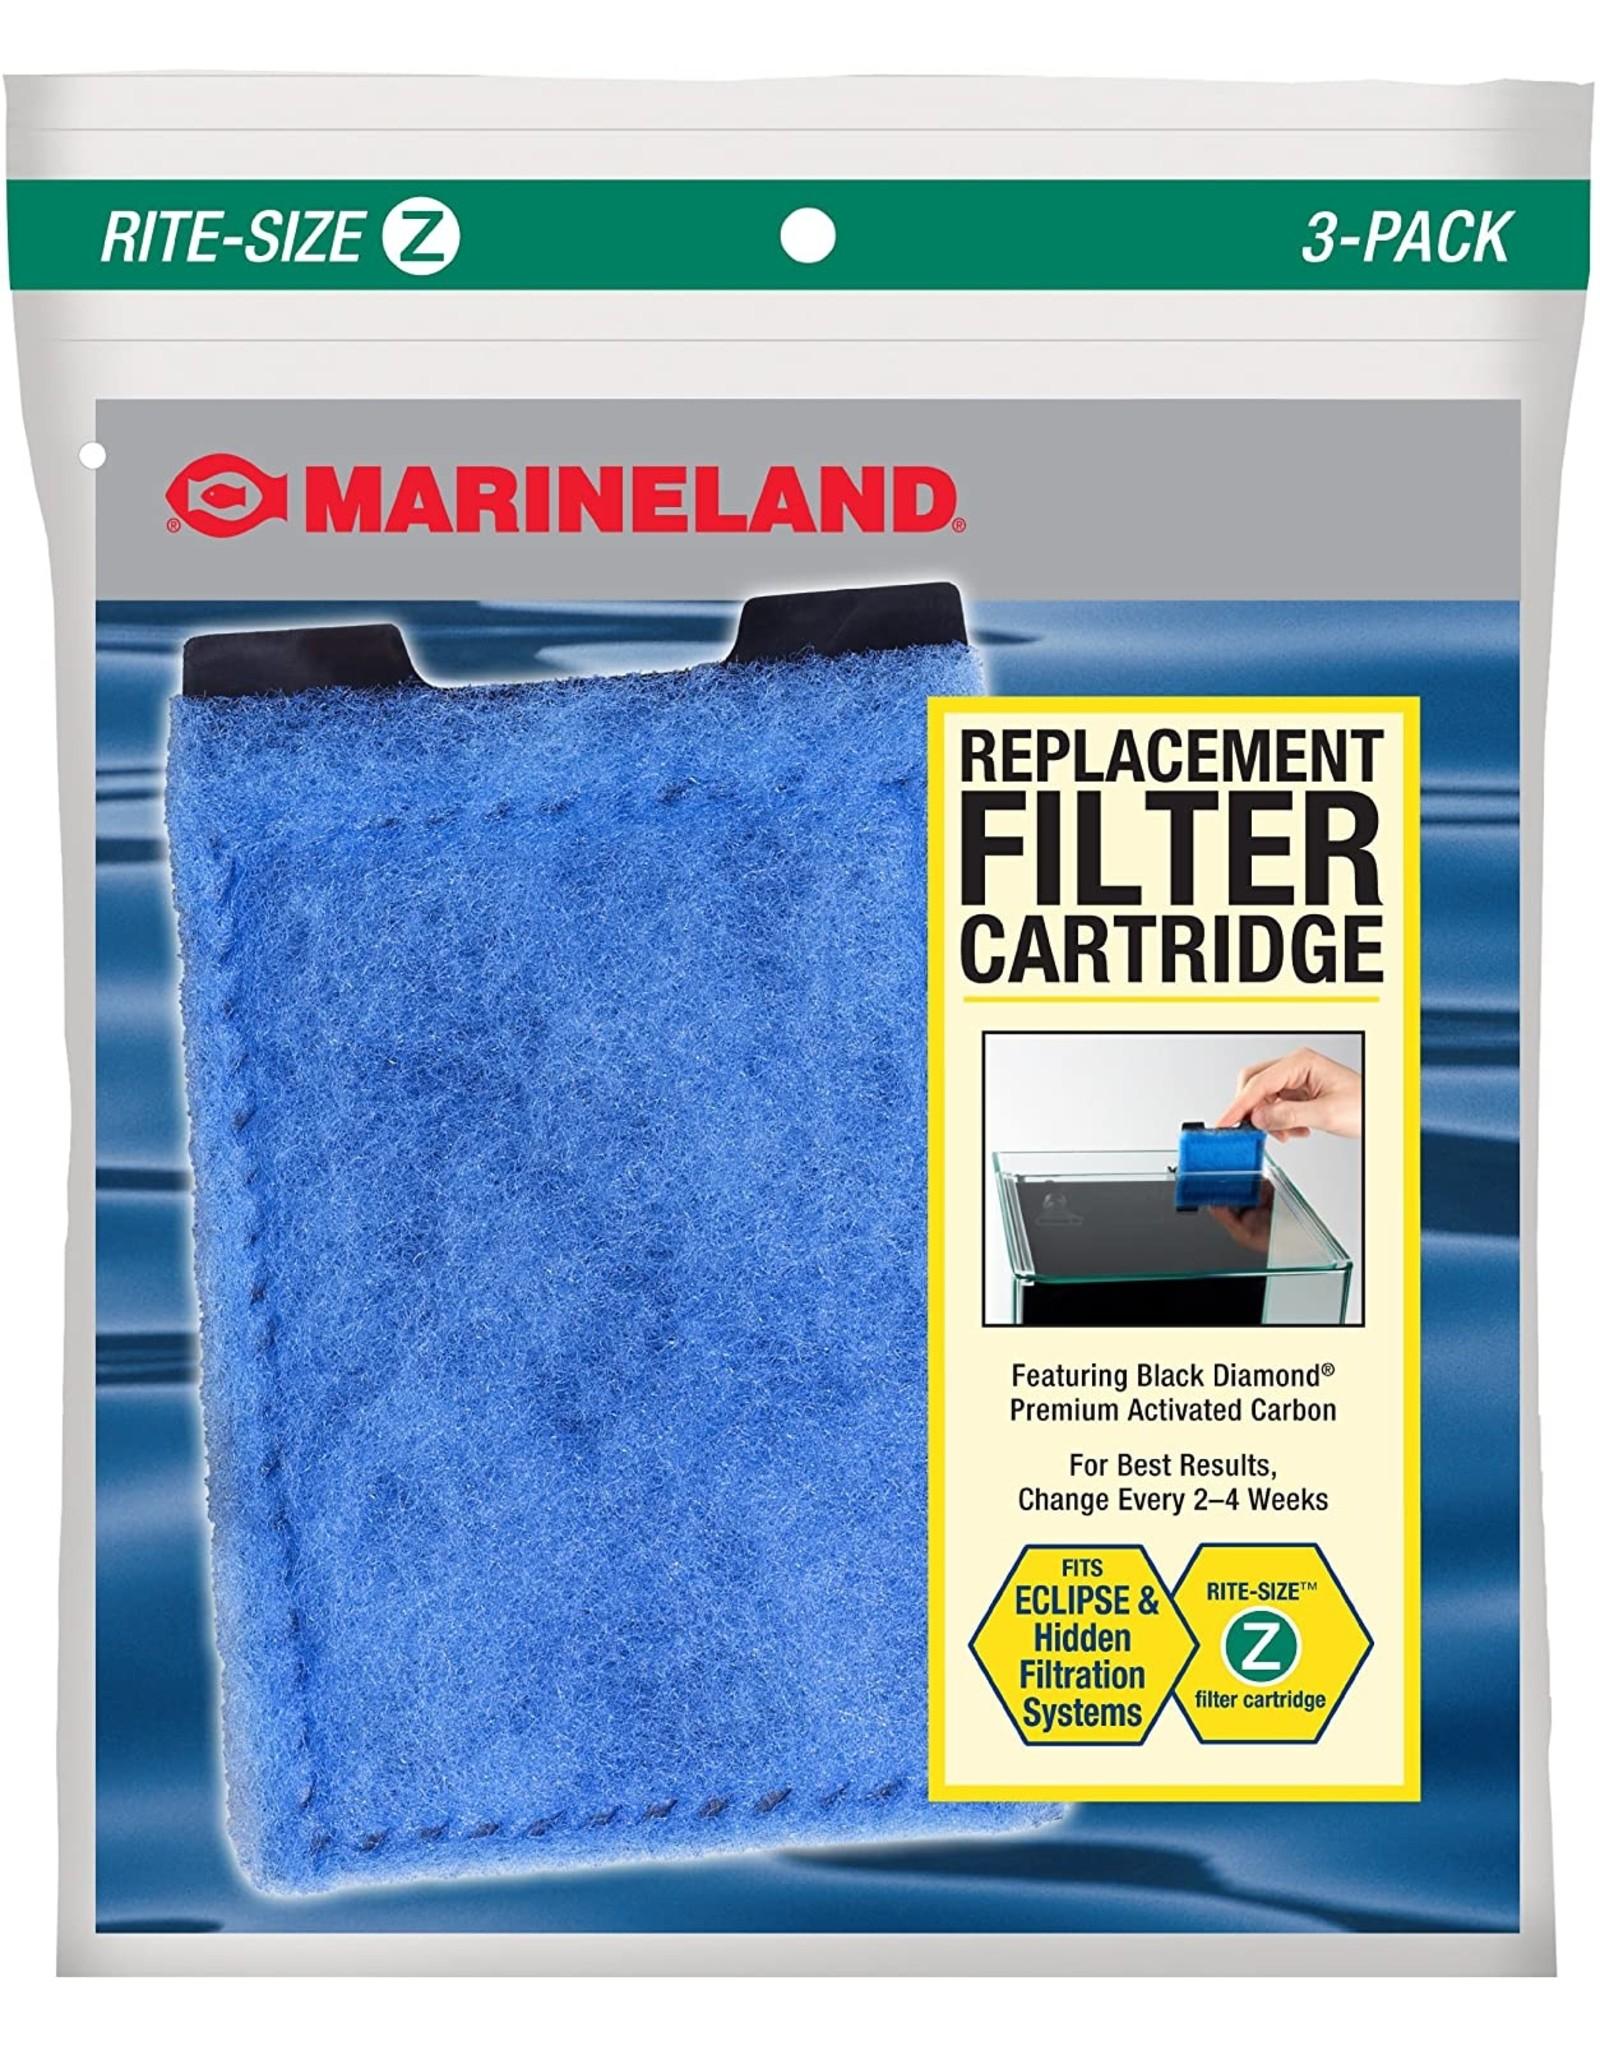 Marineland MARINELAND Rite Size Cartridge Z